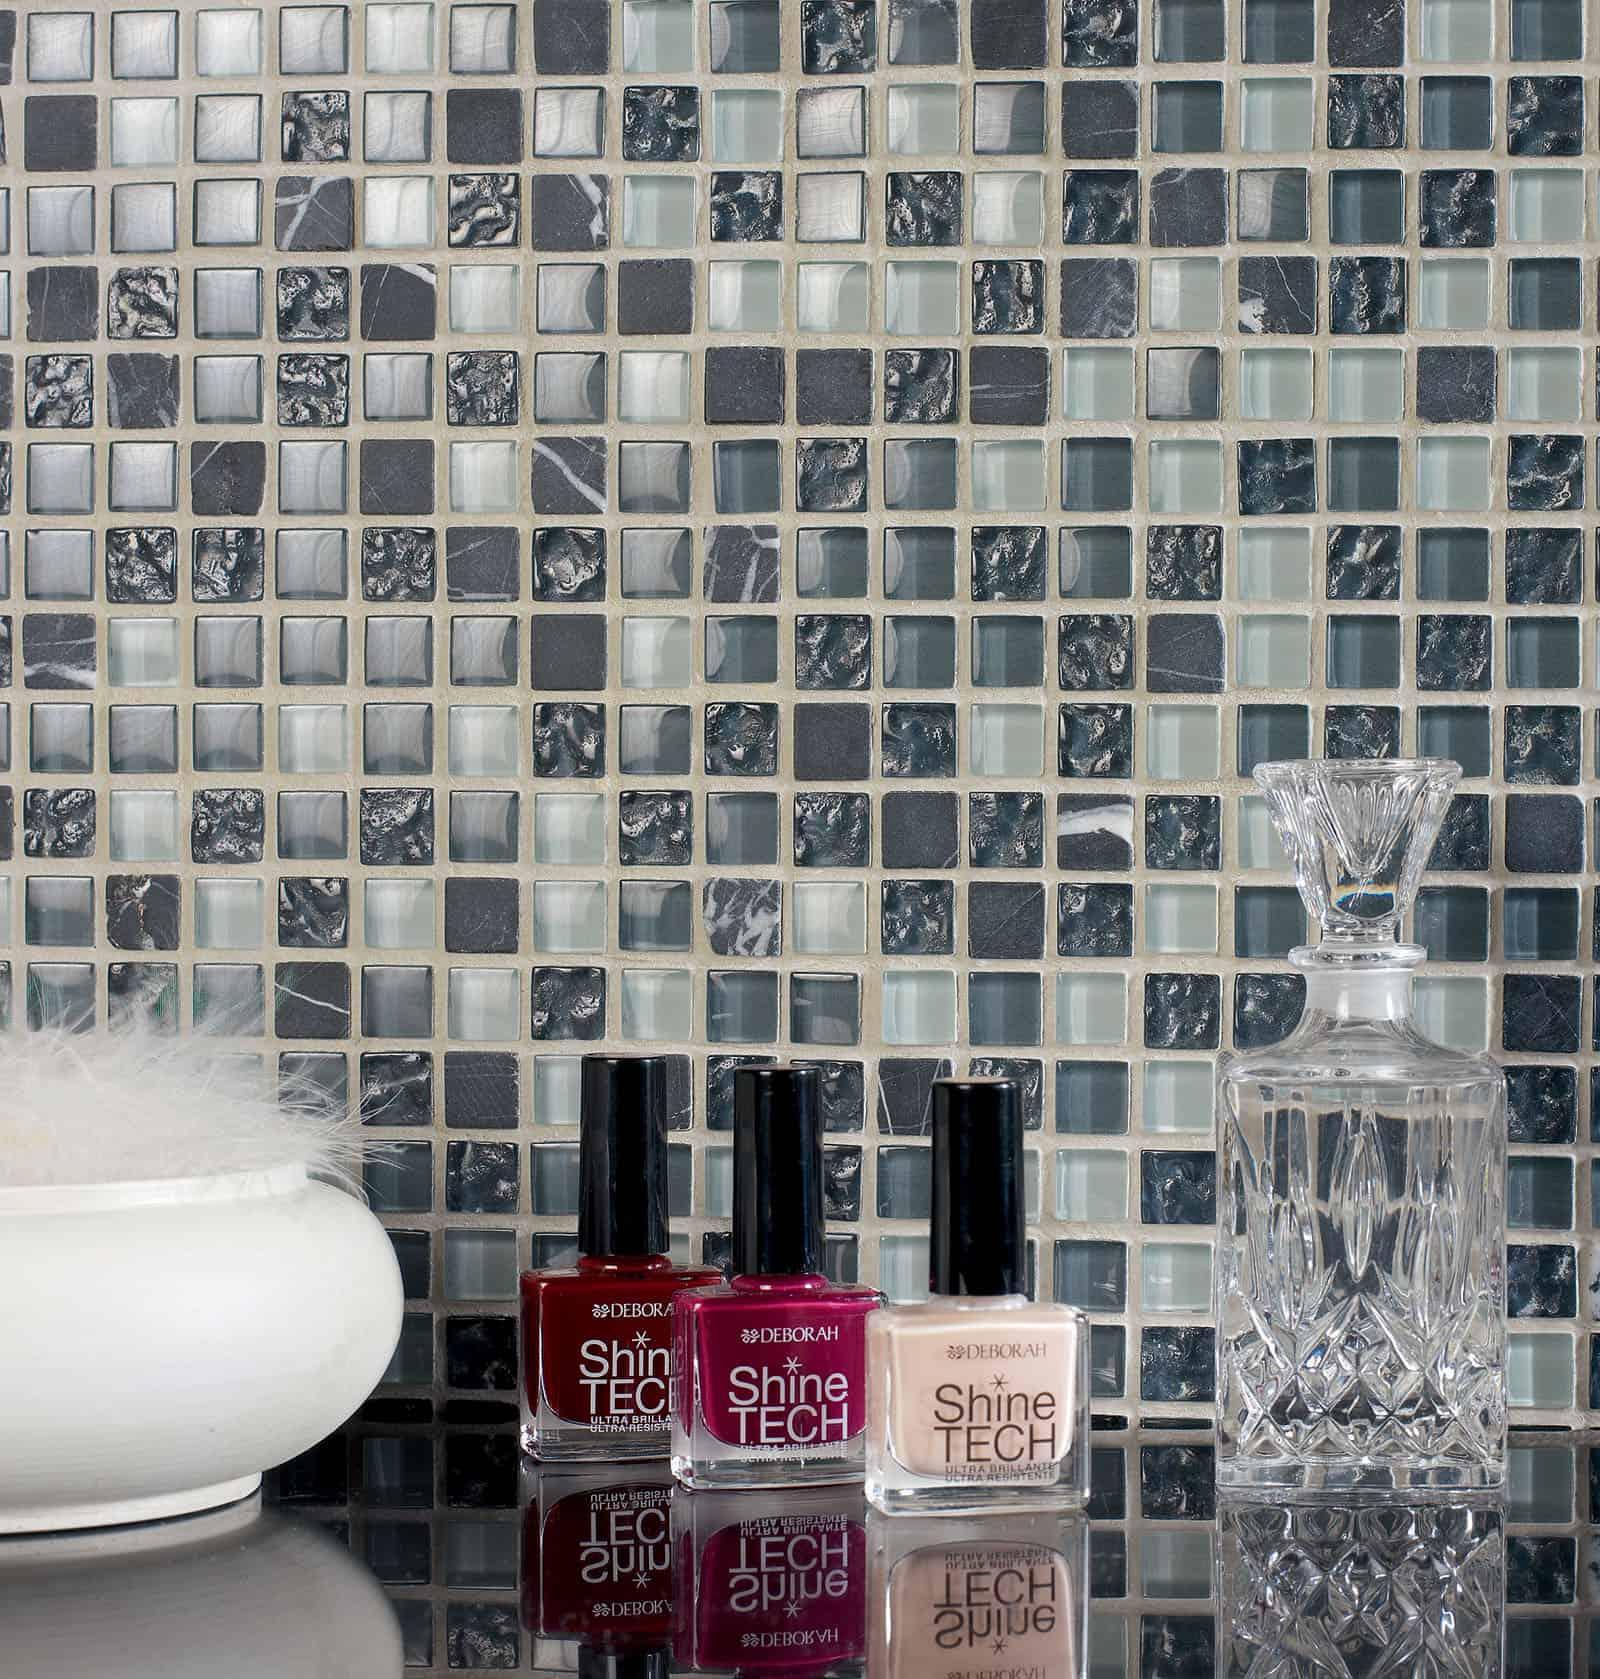 Serie baie pavimenti e rivestimenti armonie ceramiche for Piastrelle bagno mosaico grigio